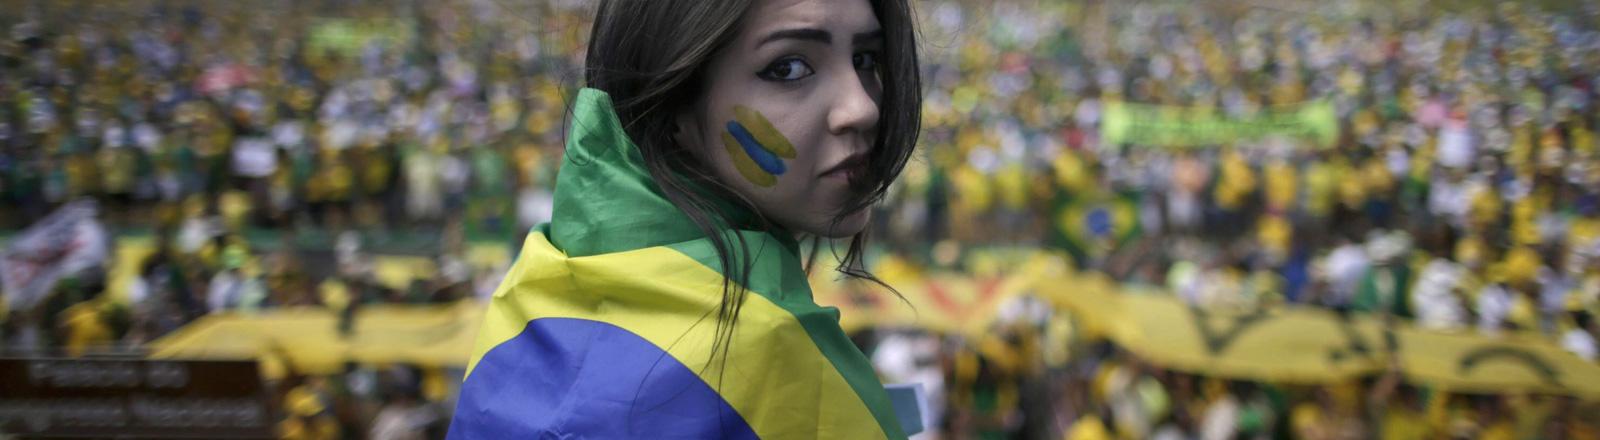 Hunderttausende demonstrieren in Brasilia in Brasilien. Im Vordergrund steht eine junge Frau, die in die Kamera blickt. Sie hat die Nationalflagge um ihre Schultern gelegt; Bild: dpa